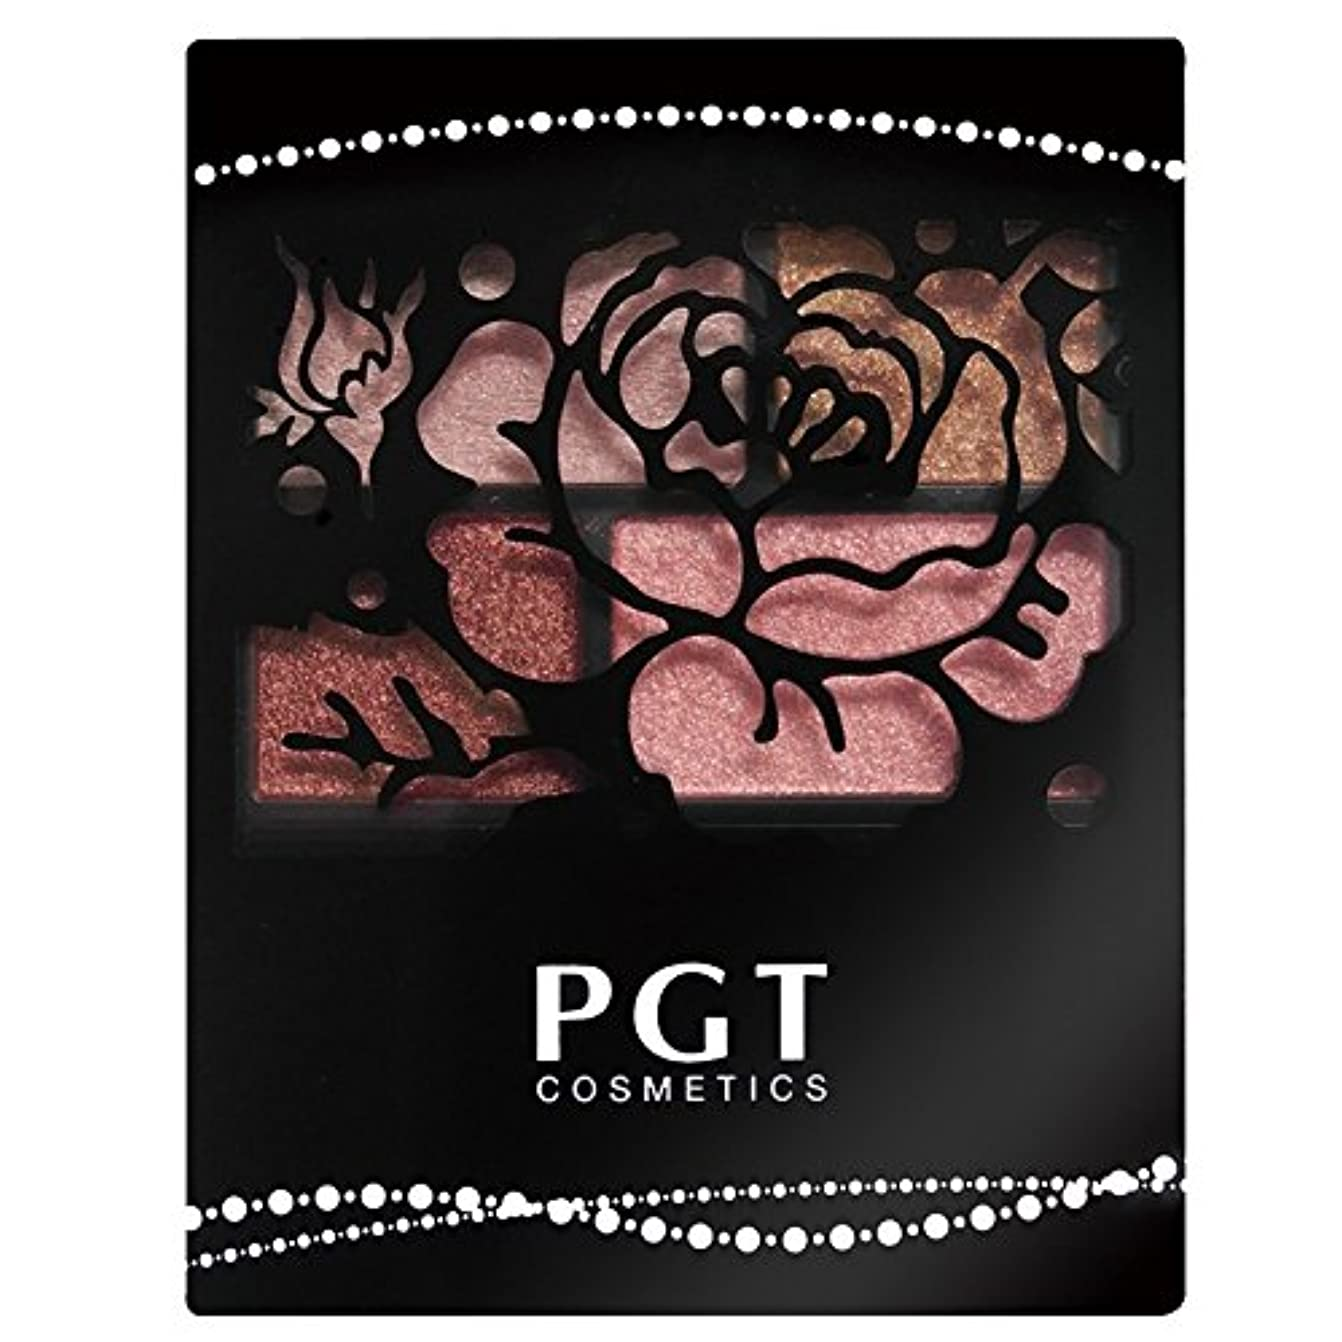 の前でインチ論理的パルガントン フォーカラーニュアンスアイズ NE50 ピンクブラウン (4g)